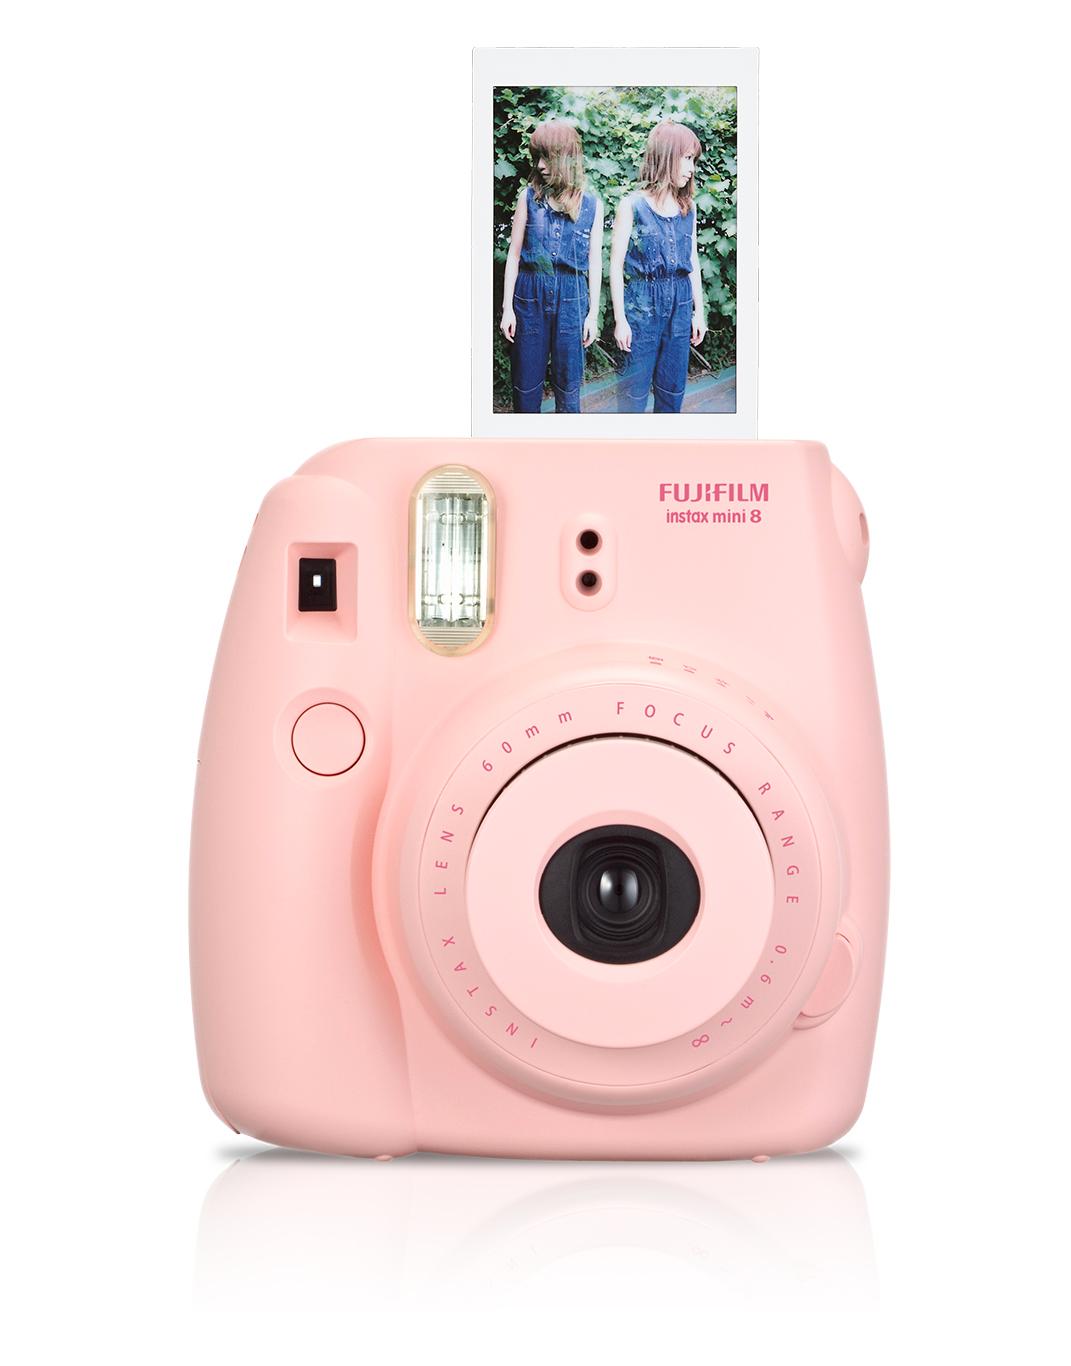 Fujifilm instax mini 8 specs.